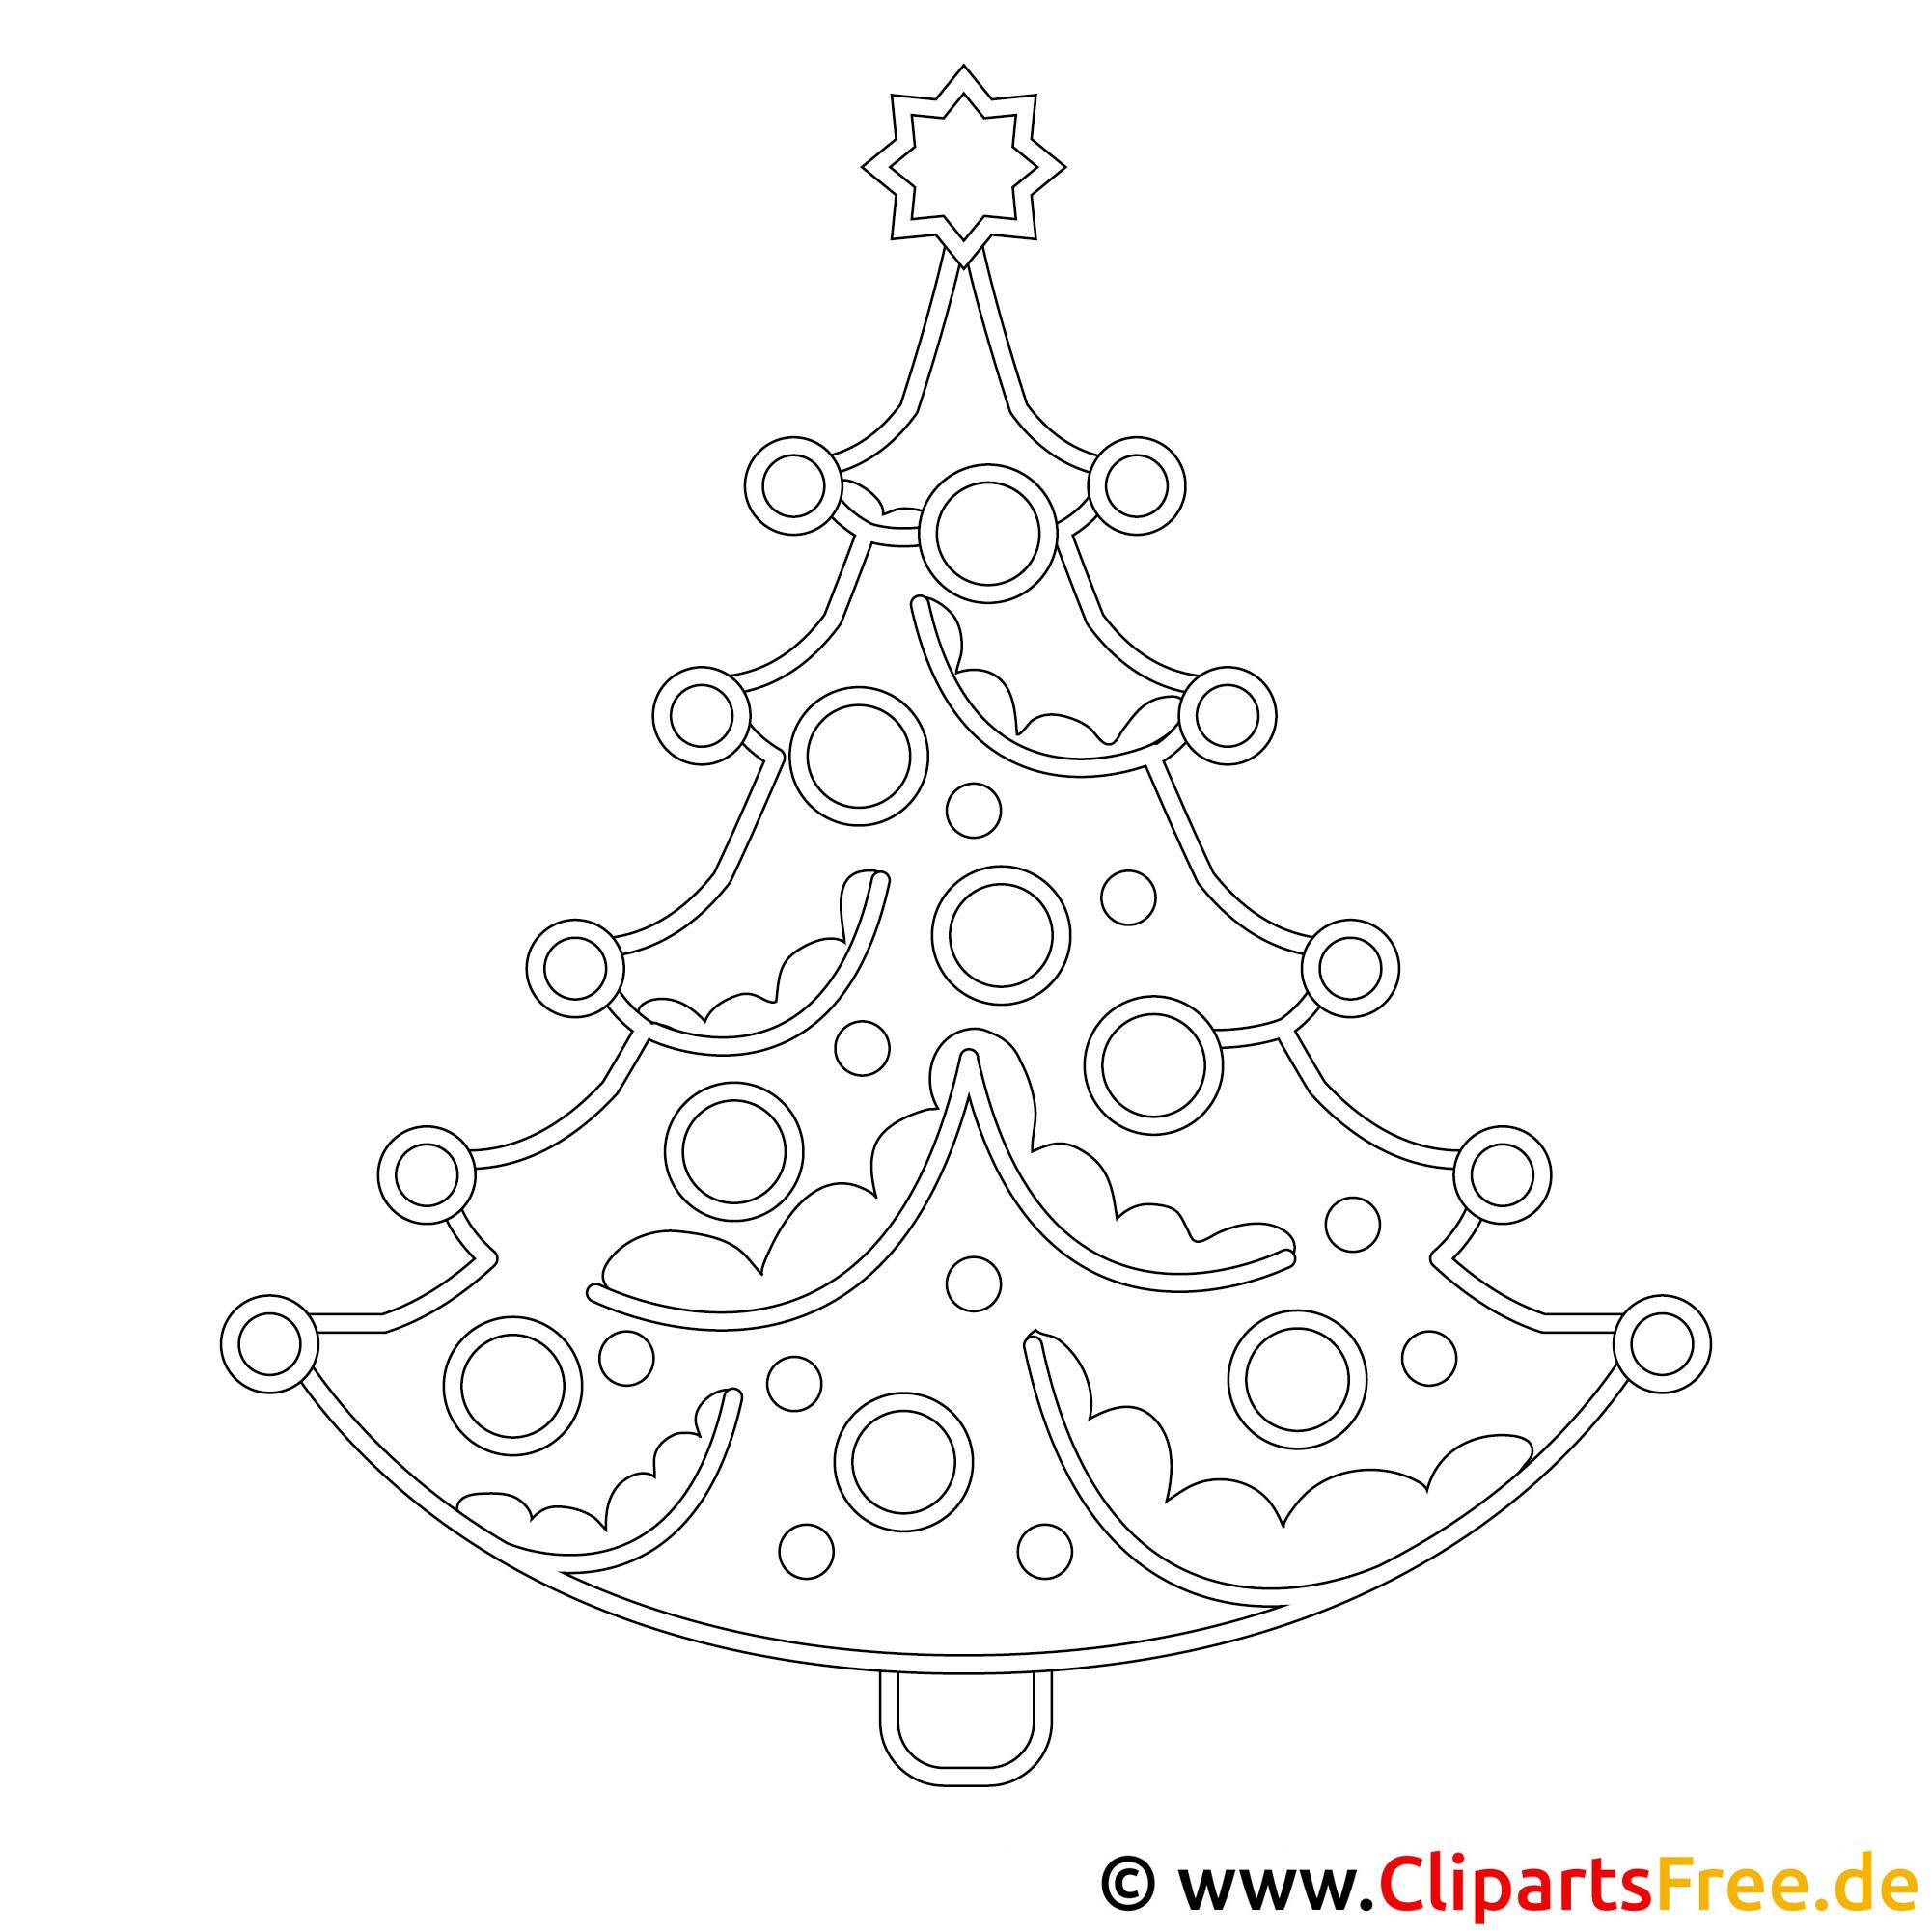 Tannenbaum silvester und neujahr malvorlagen kostenlos - Cliparts weihnachten und neujahr kostenlos ...